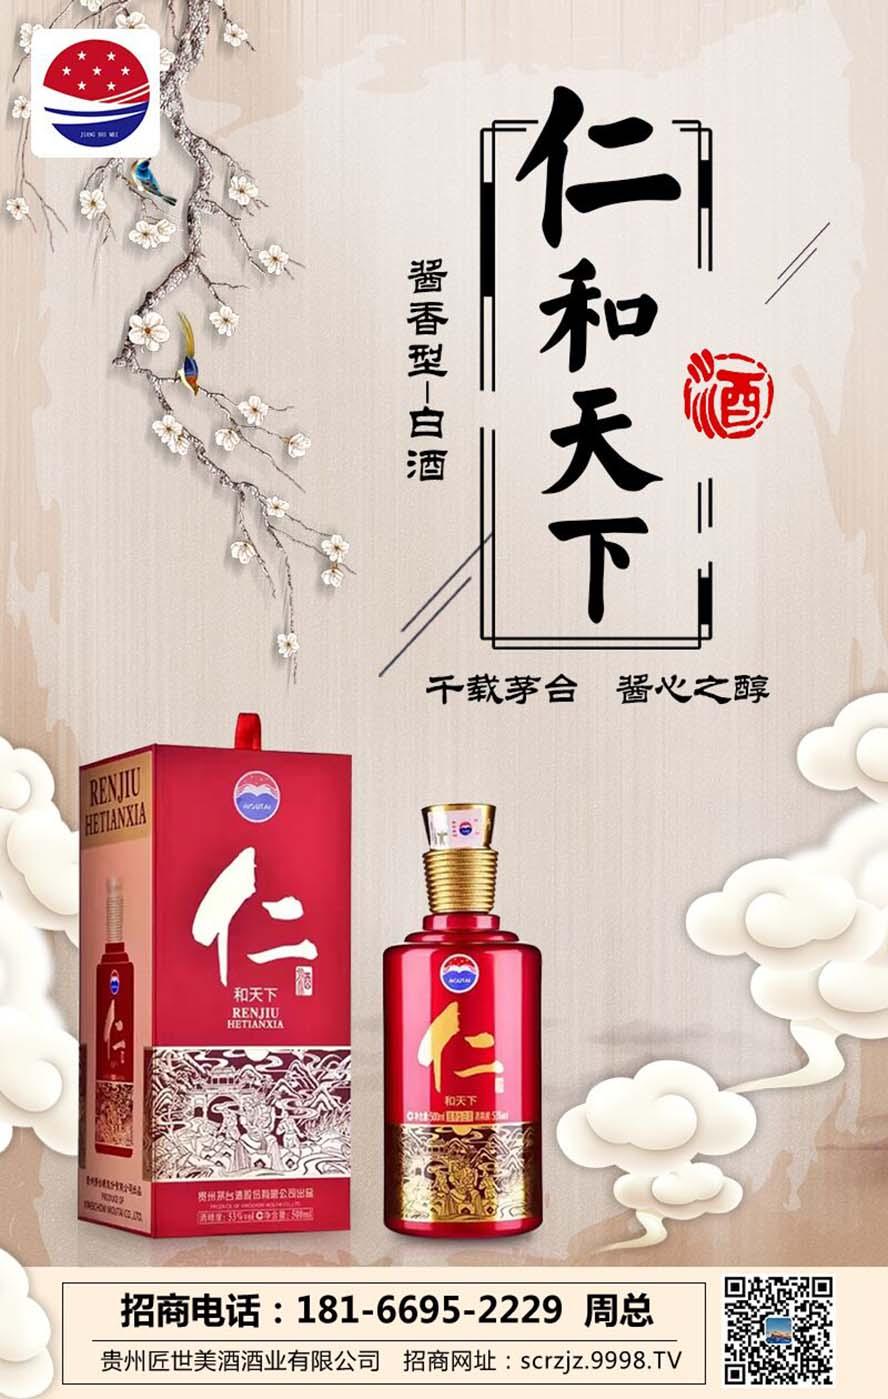 贵州匠世美酒酒业有限公司